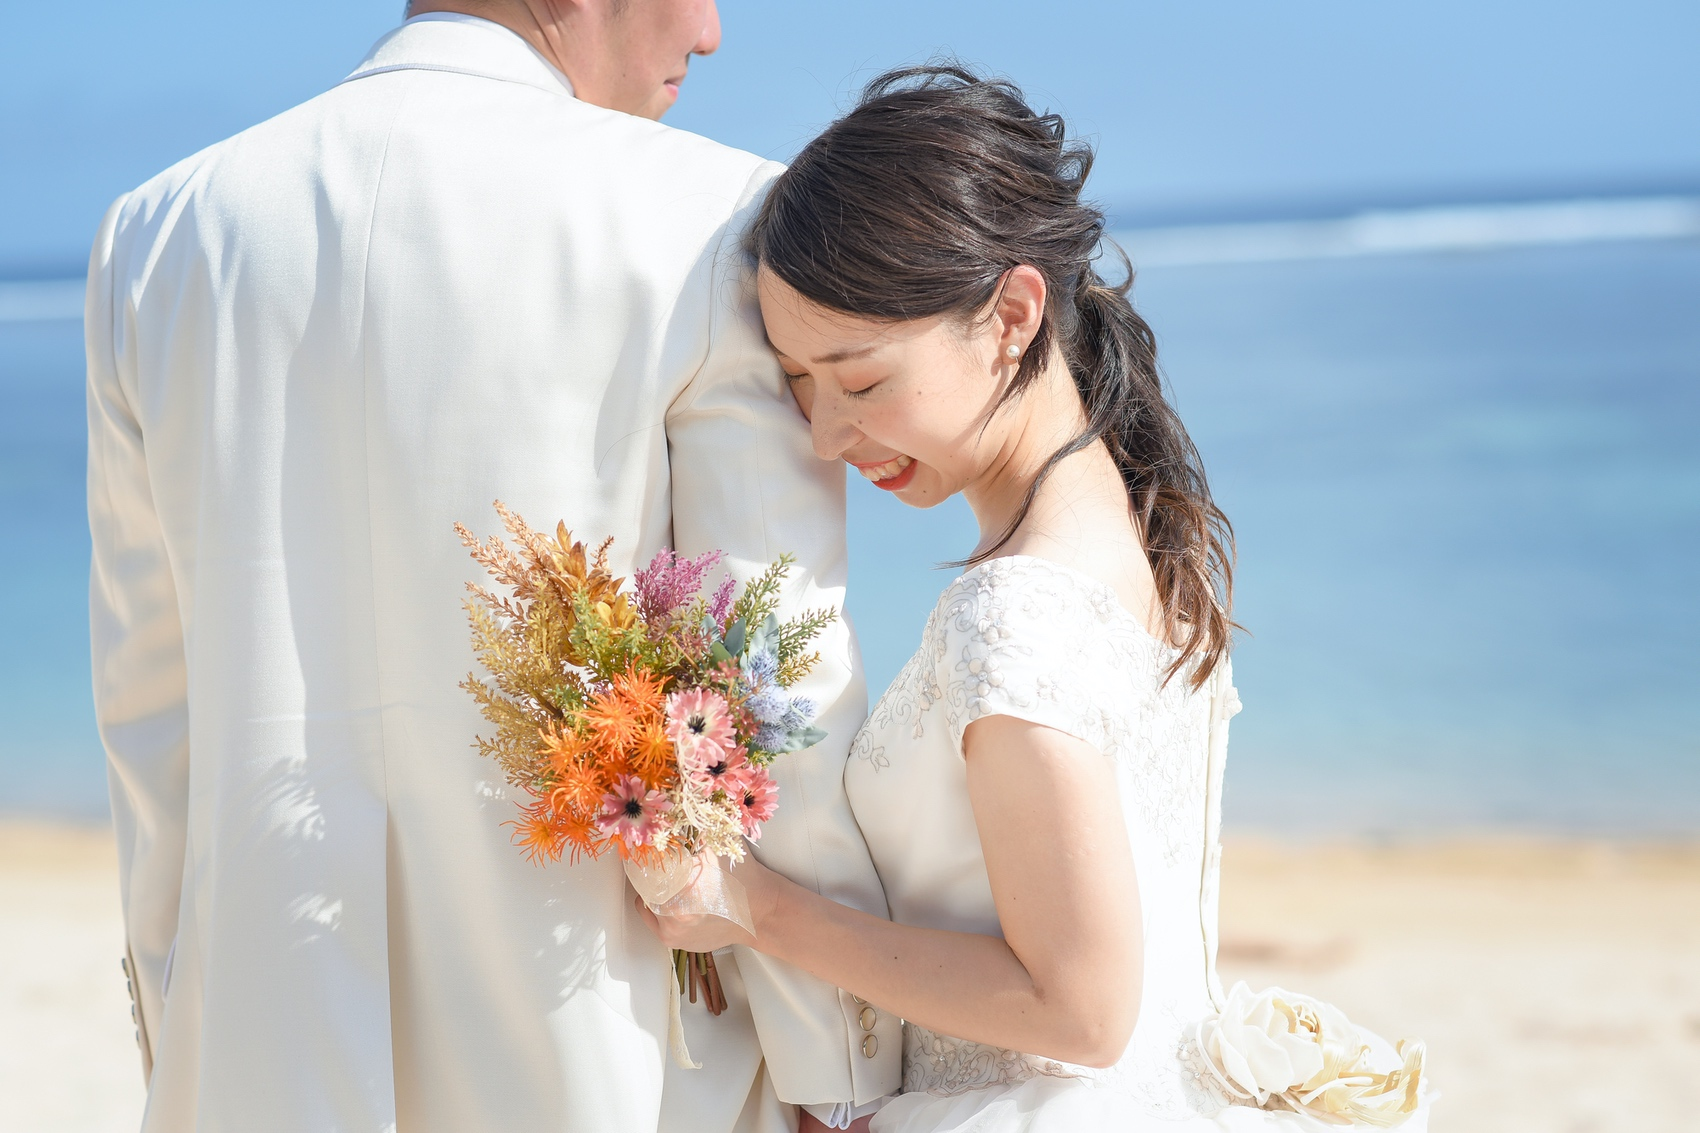 笑顔が可愛い花嫁様です